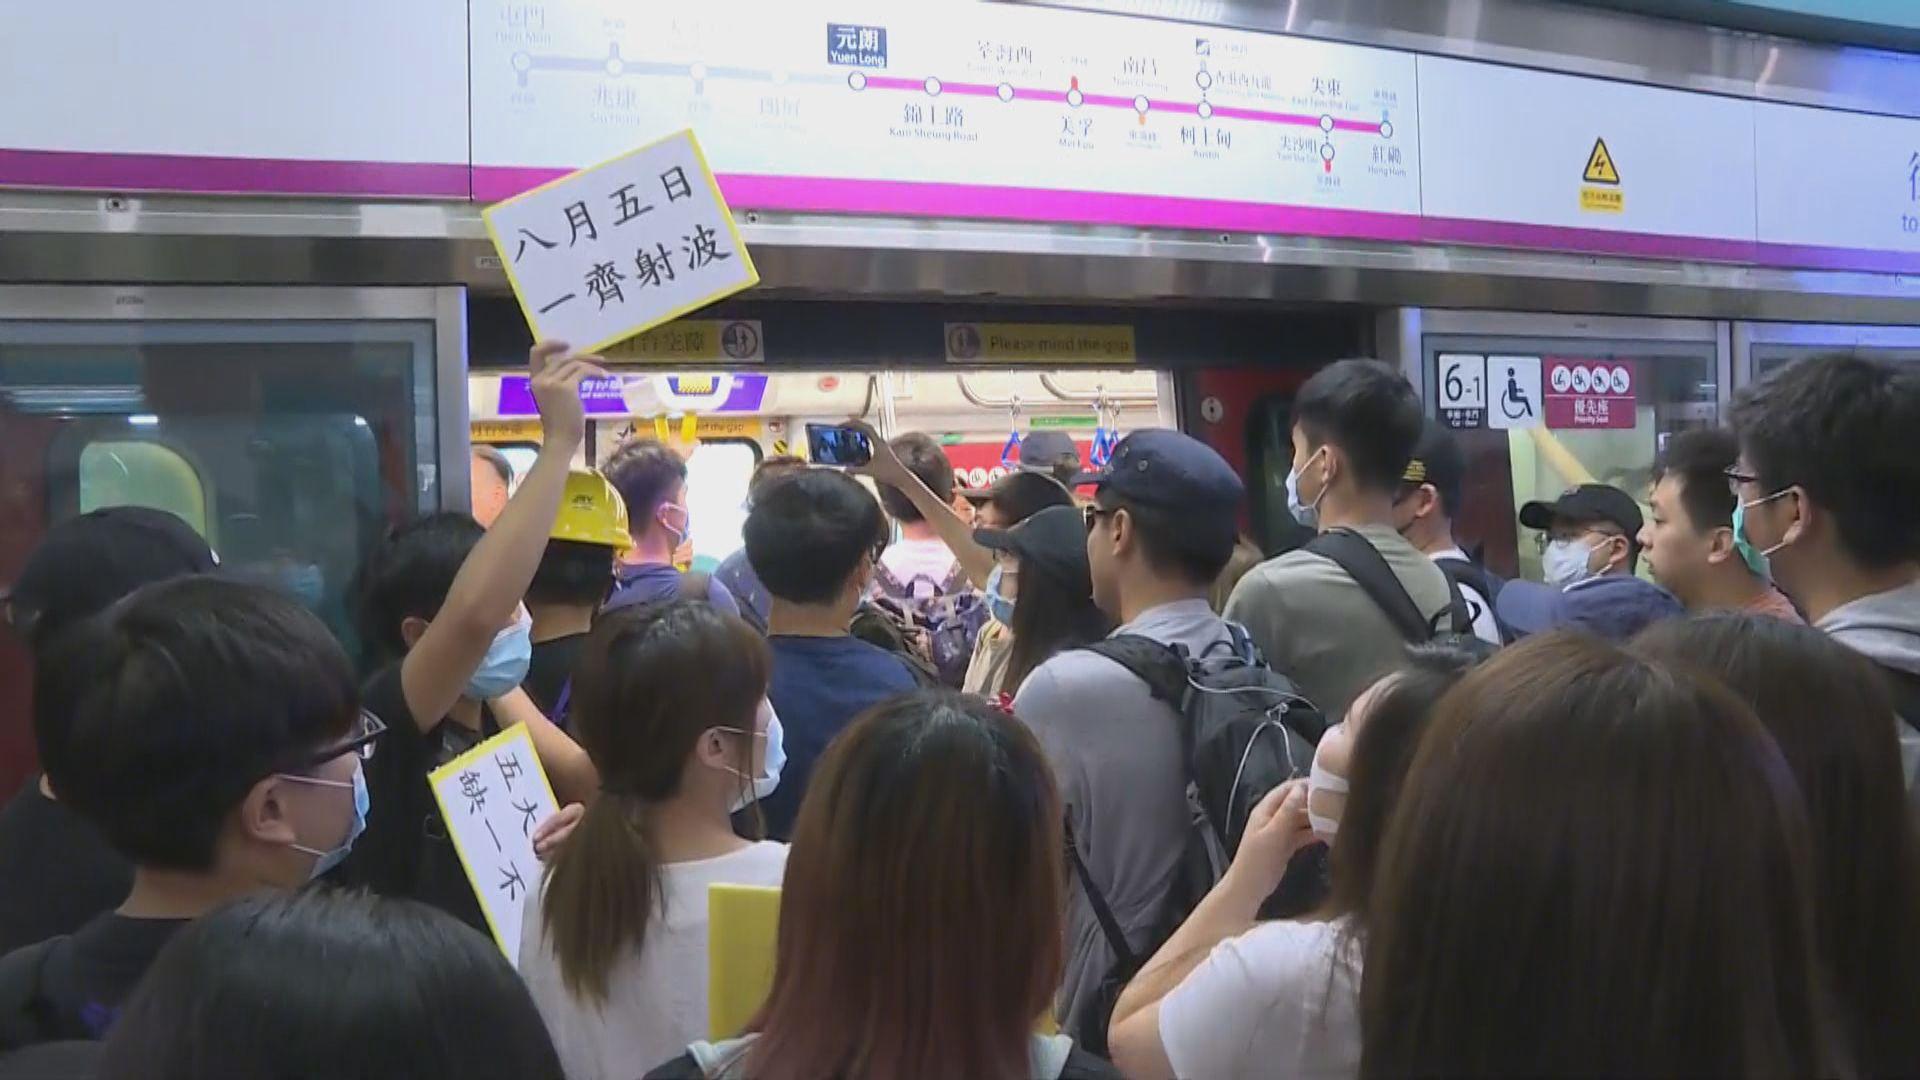 【港鐵不合作運動】有人與示威者口角並打架